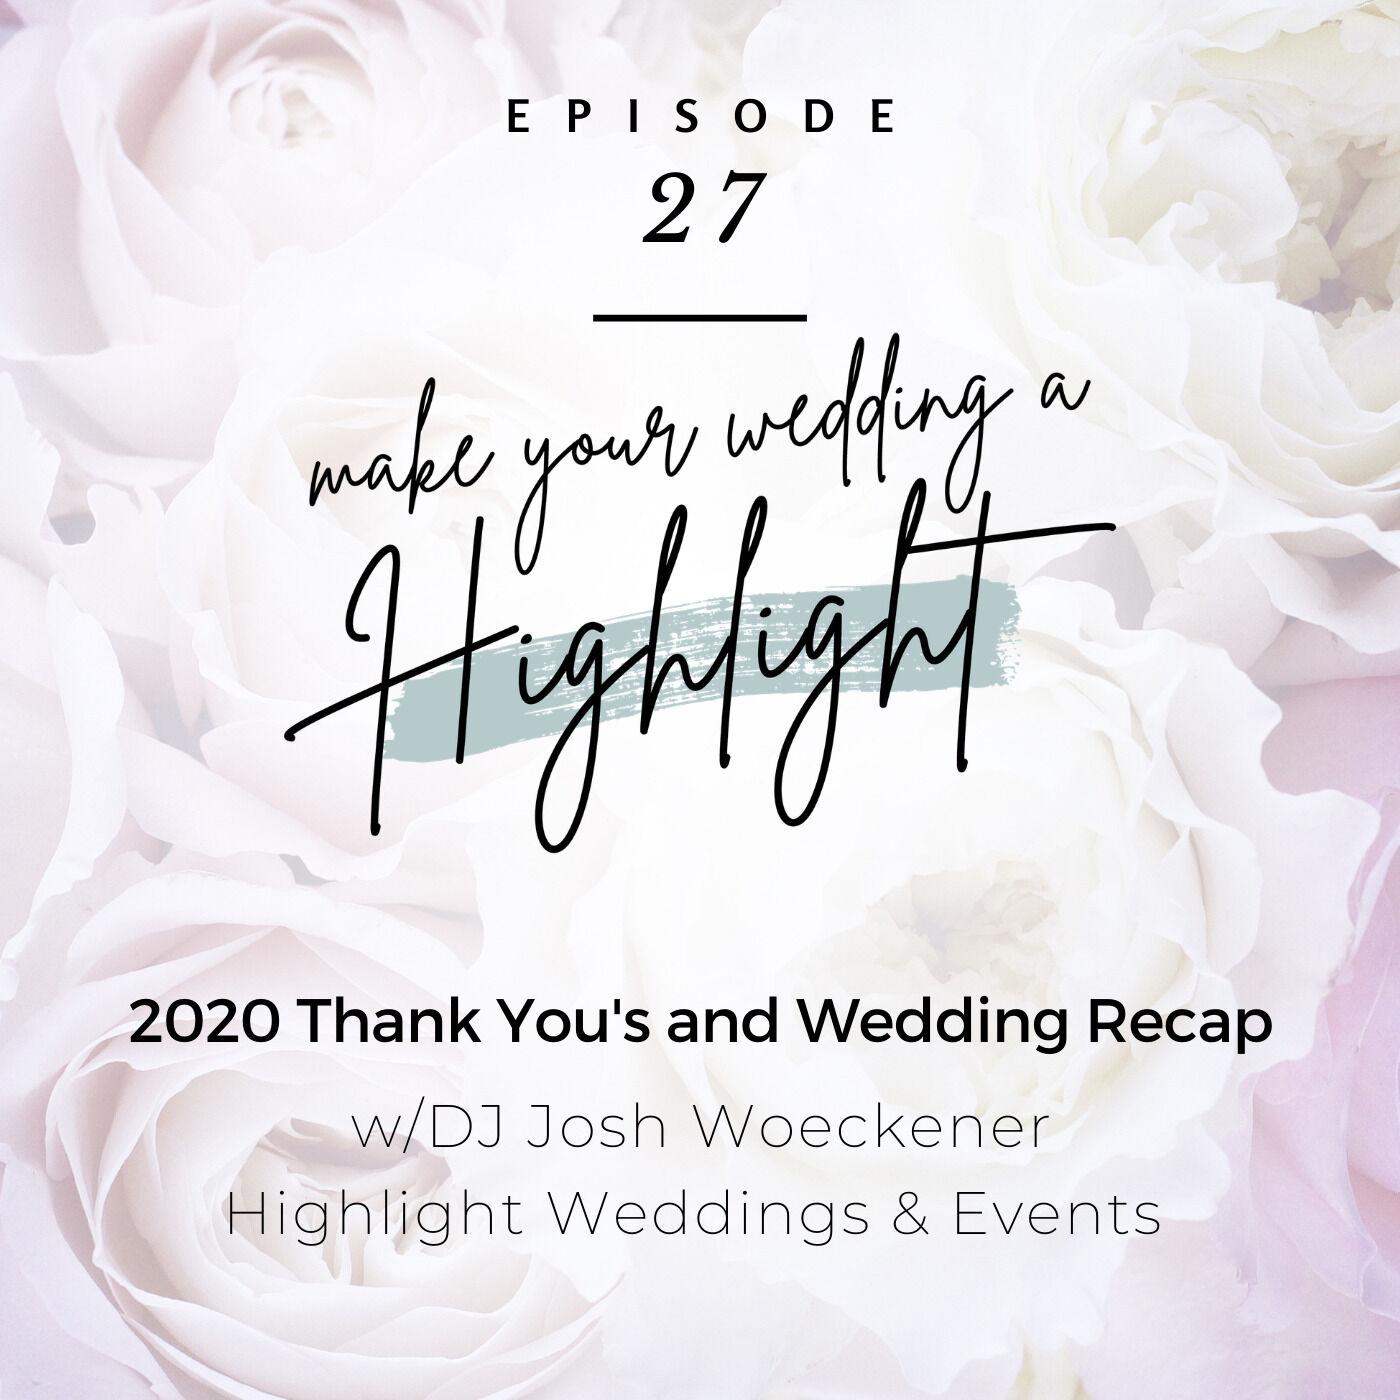 2020 Thank You's and Wedding Recap